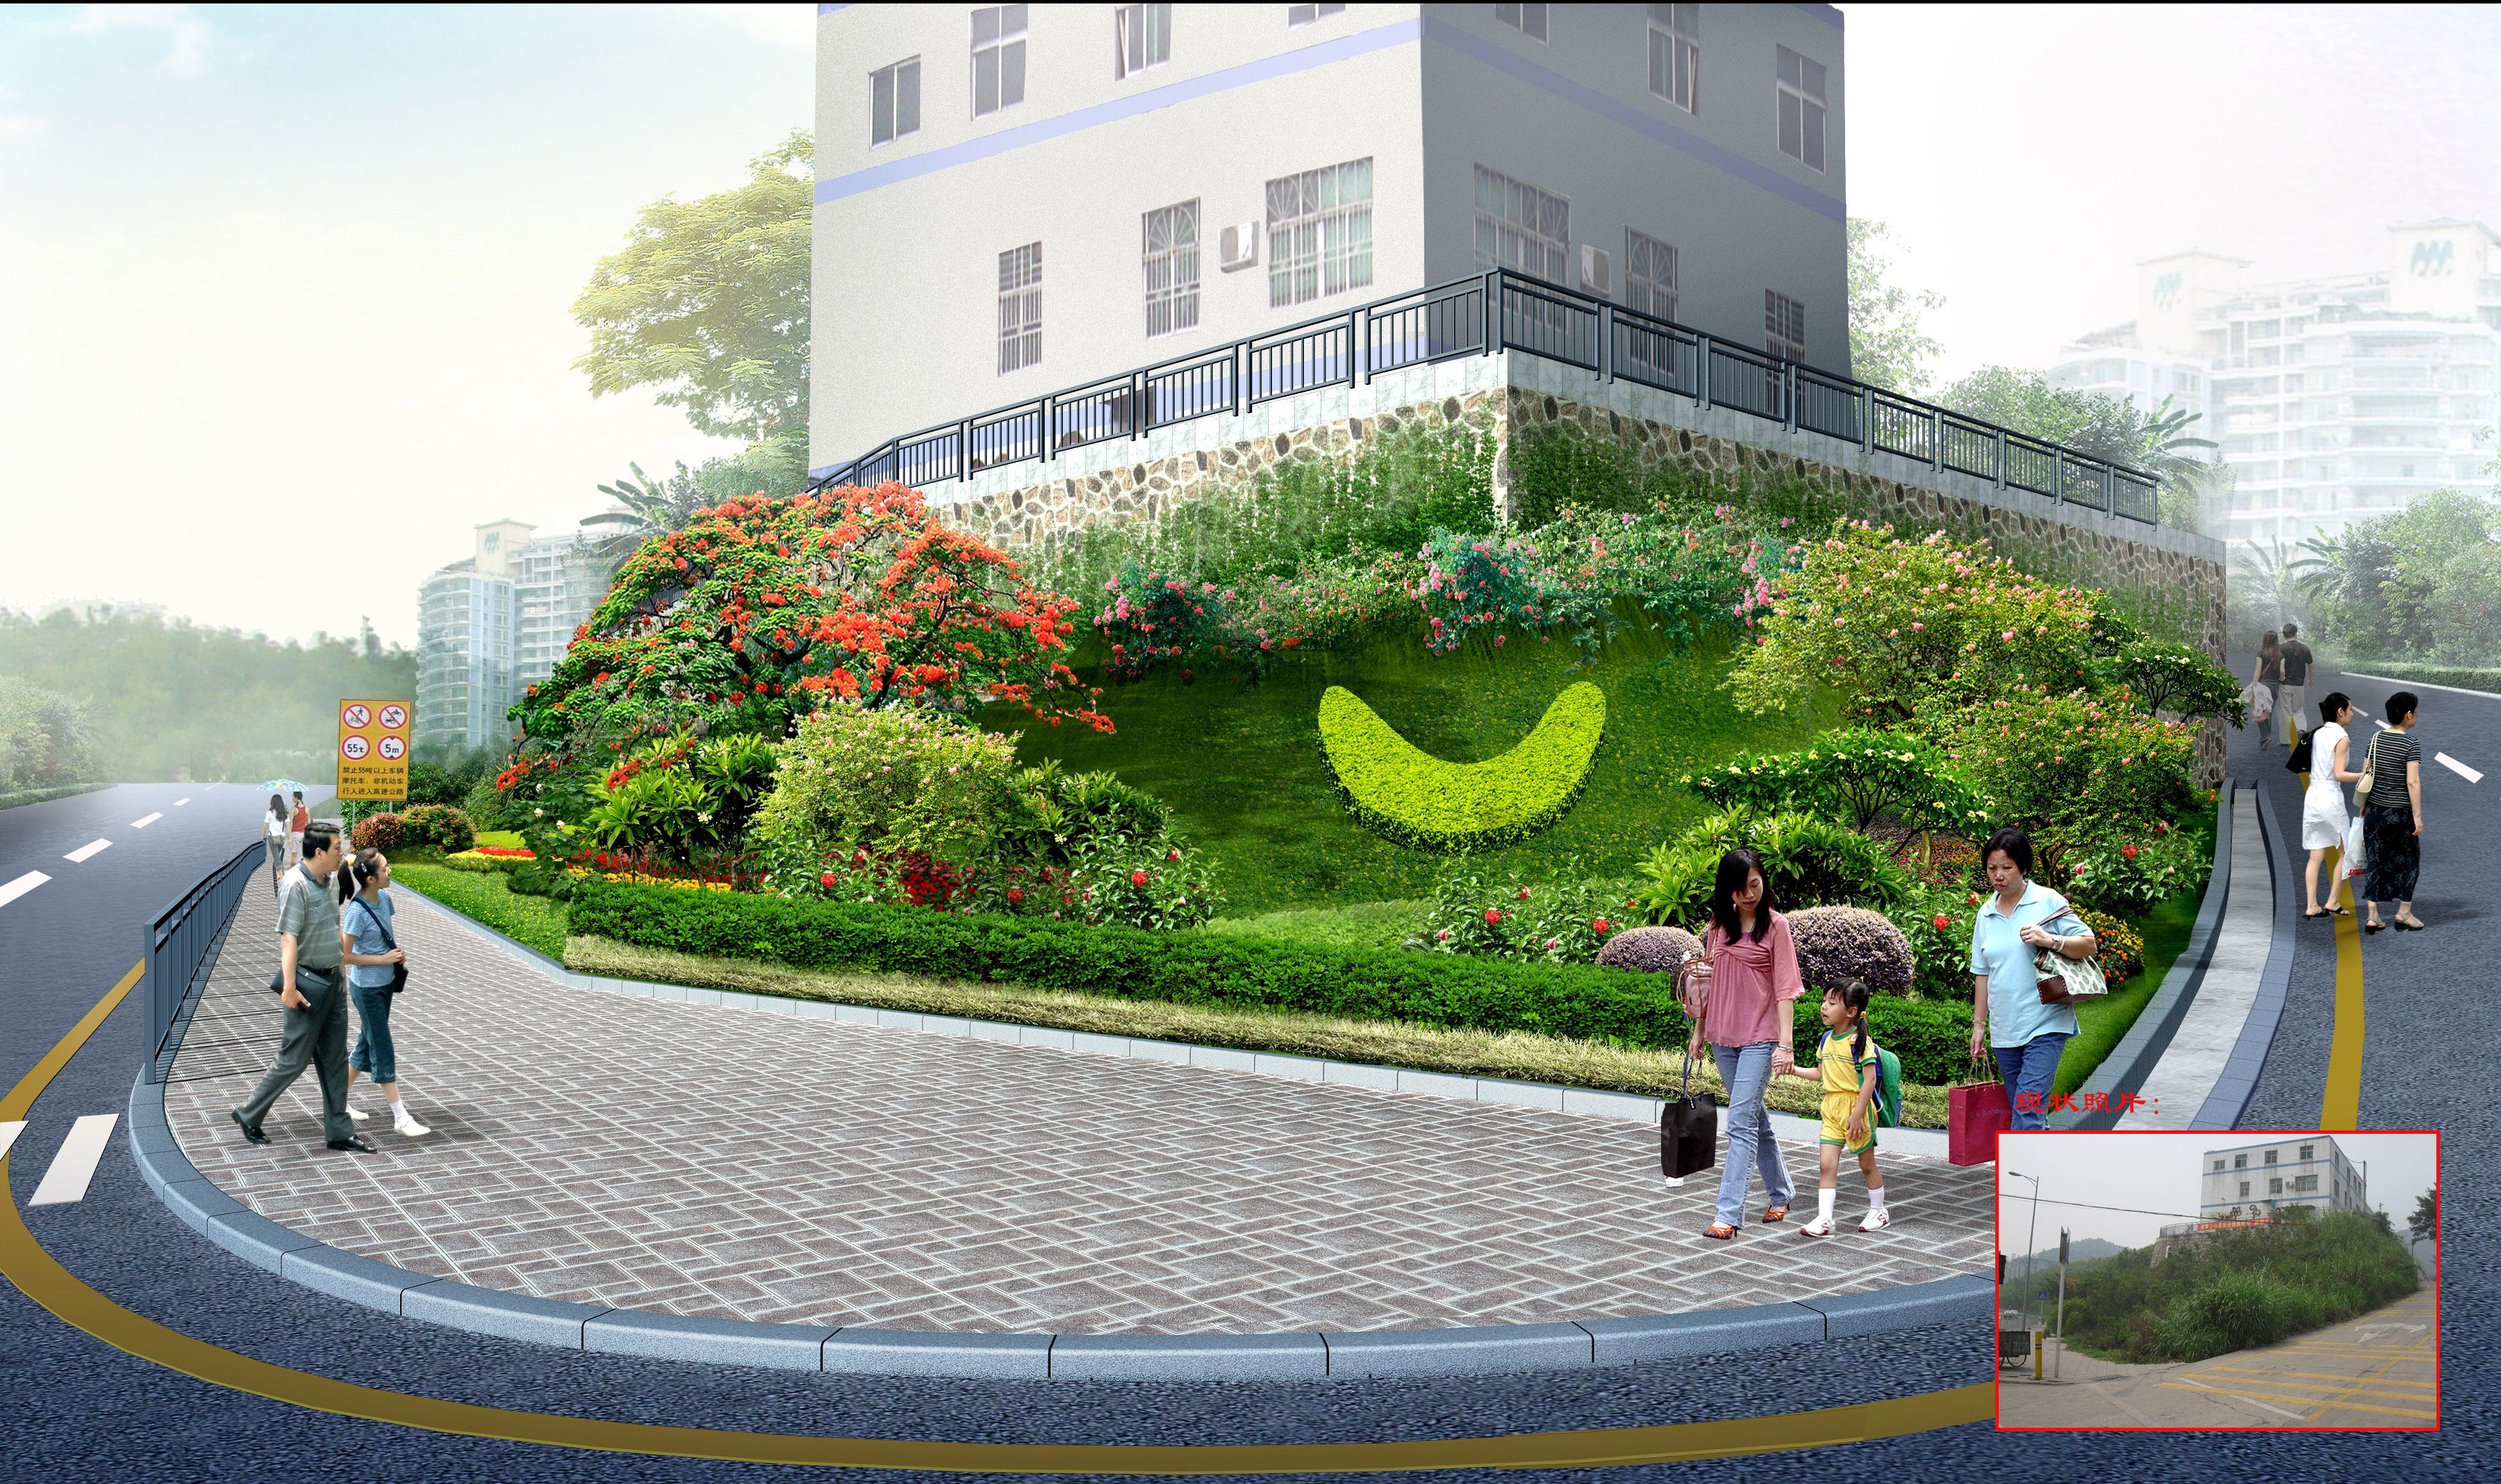 深圳布吉西环路道路景观设计